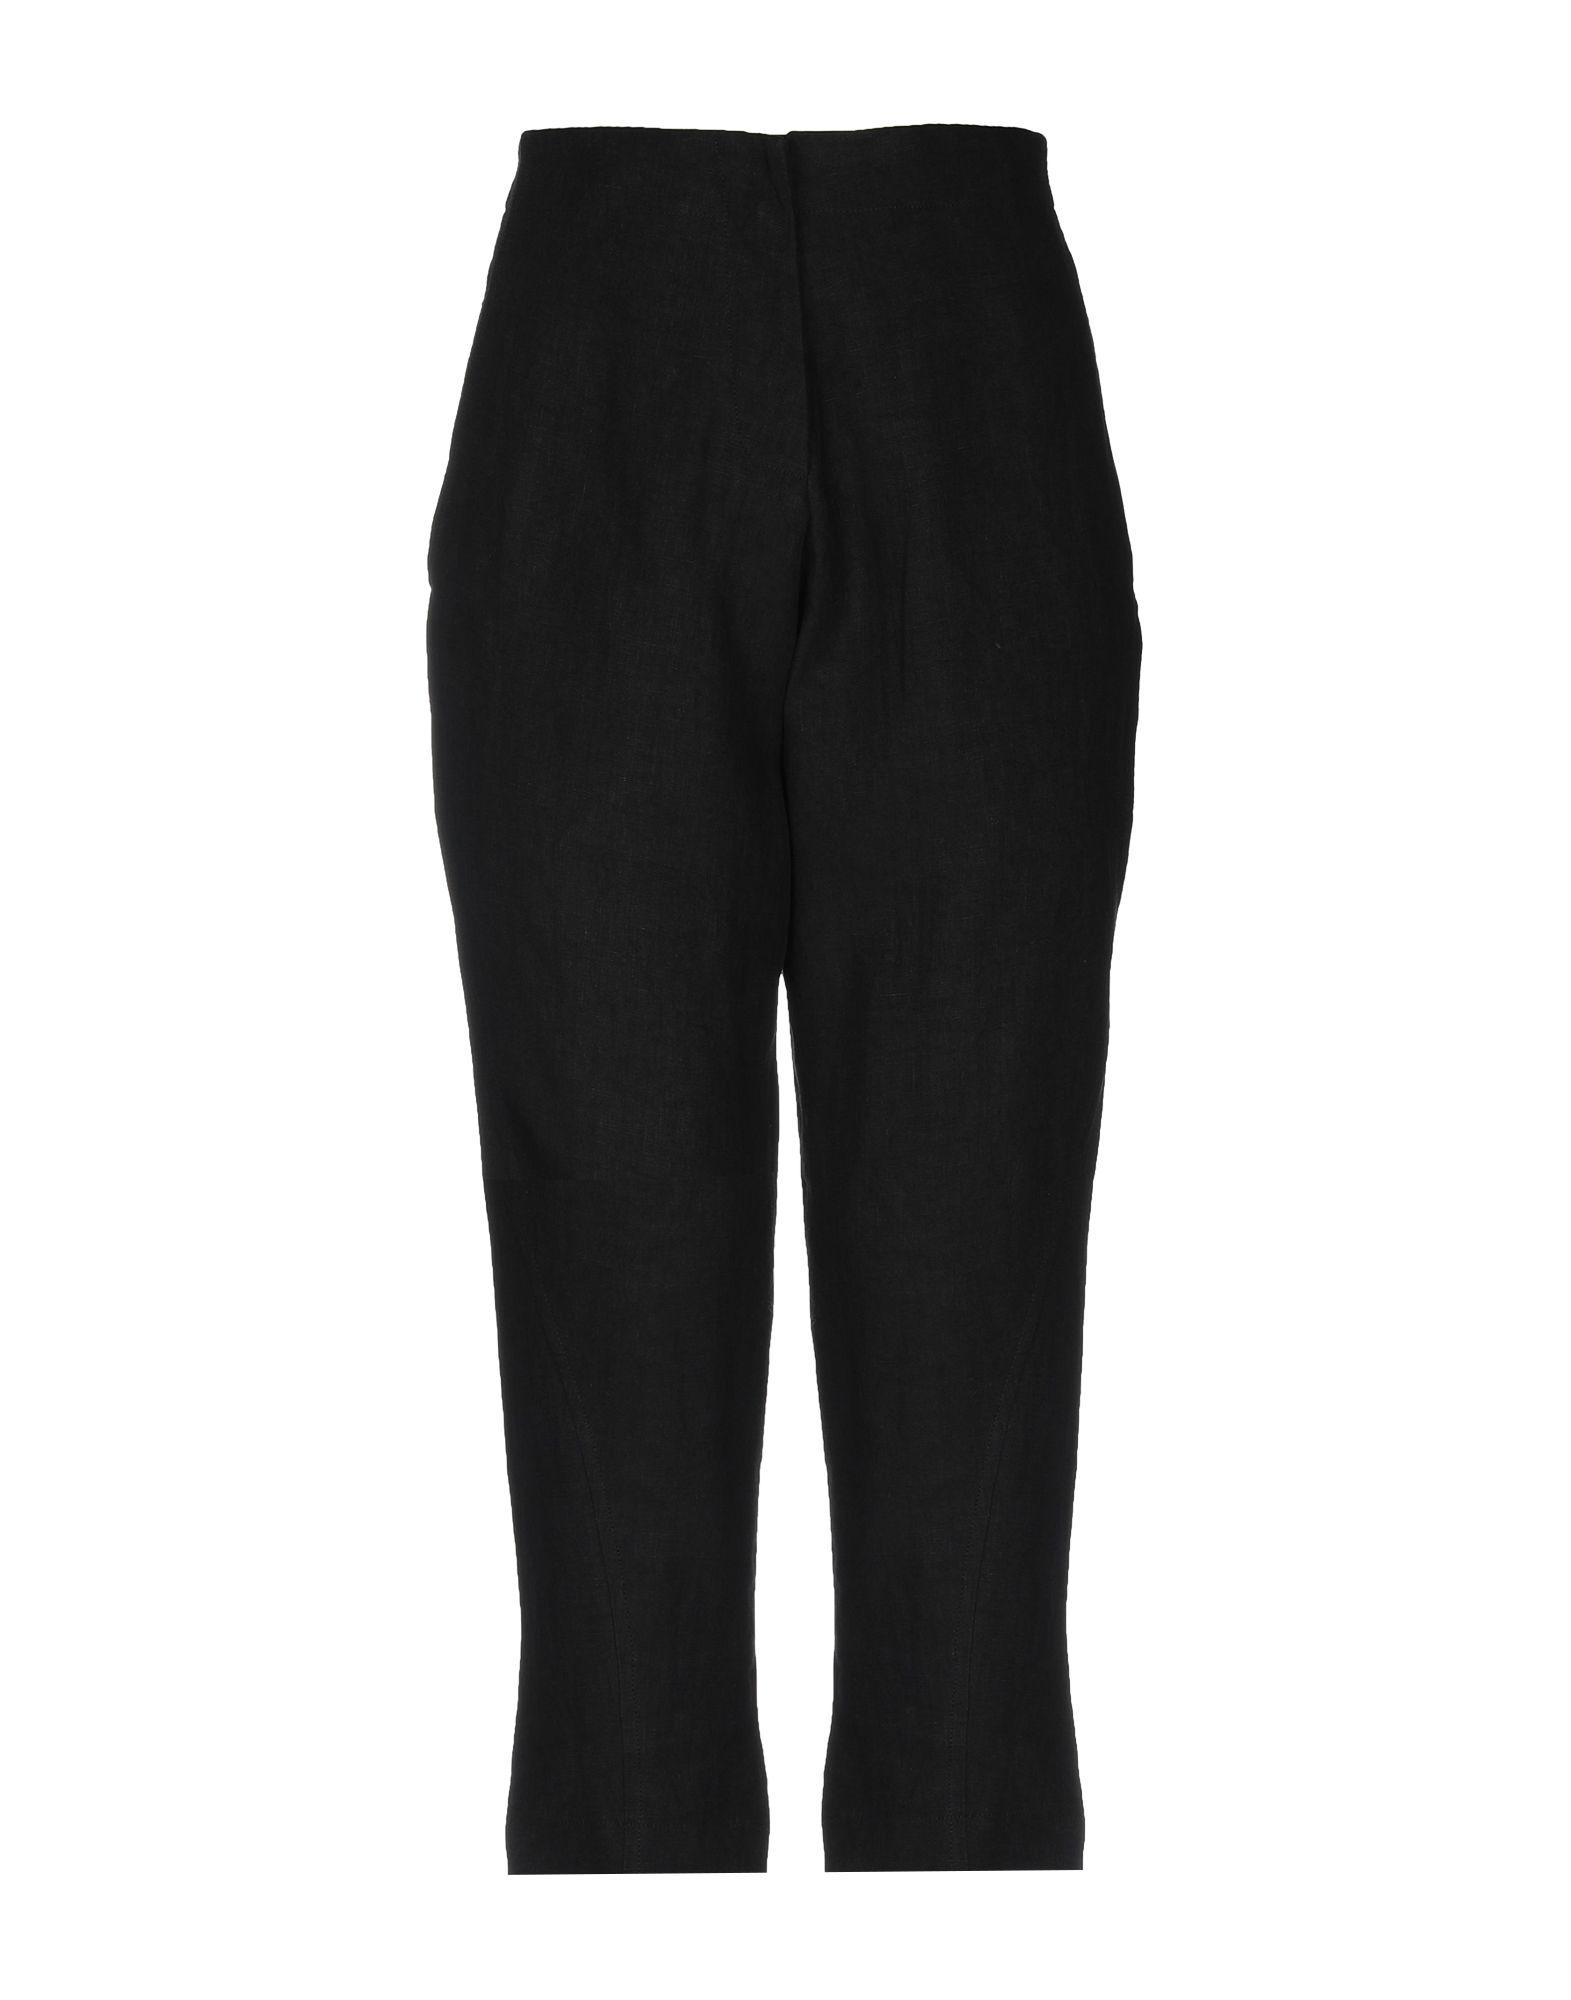 Pantalone Taperosso Isabel Benenato Benenato Benenato donna - 13250740EU 1a0